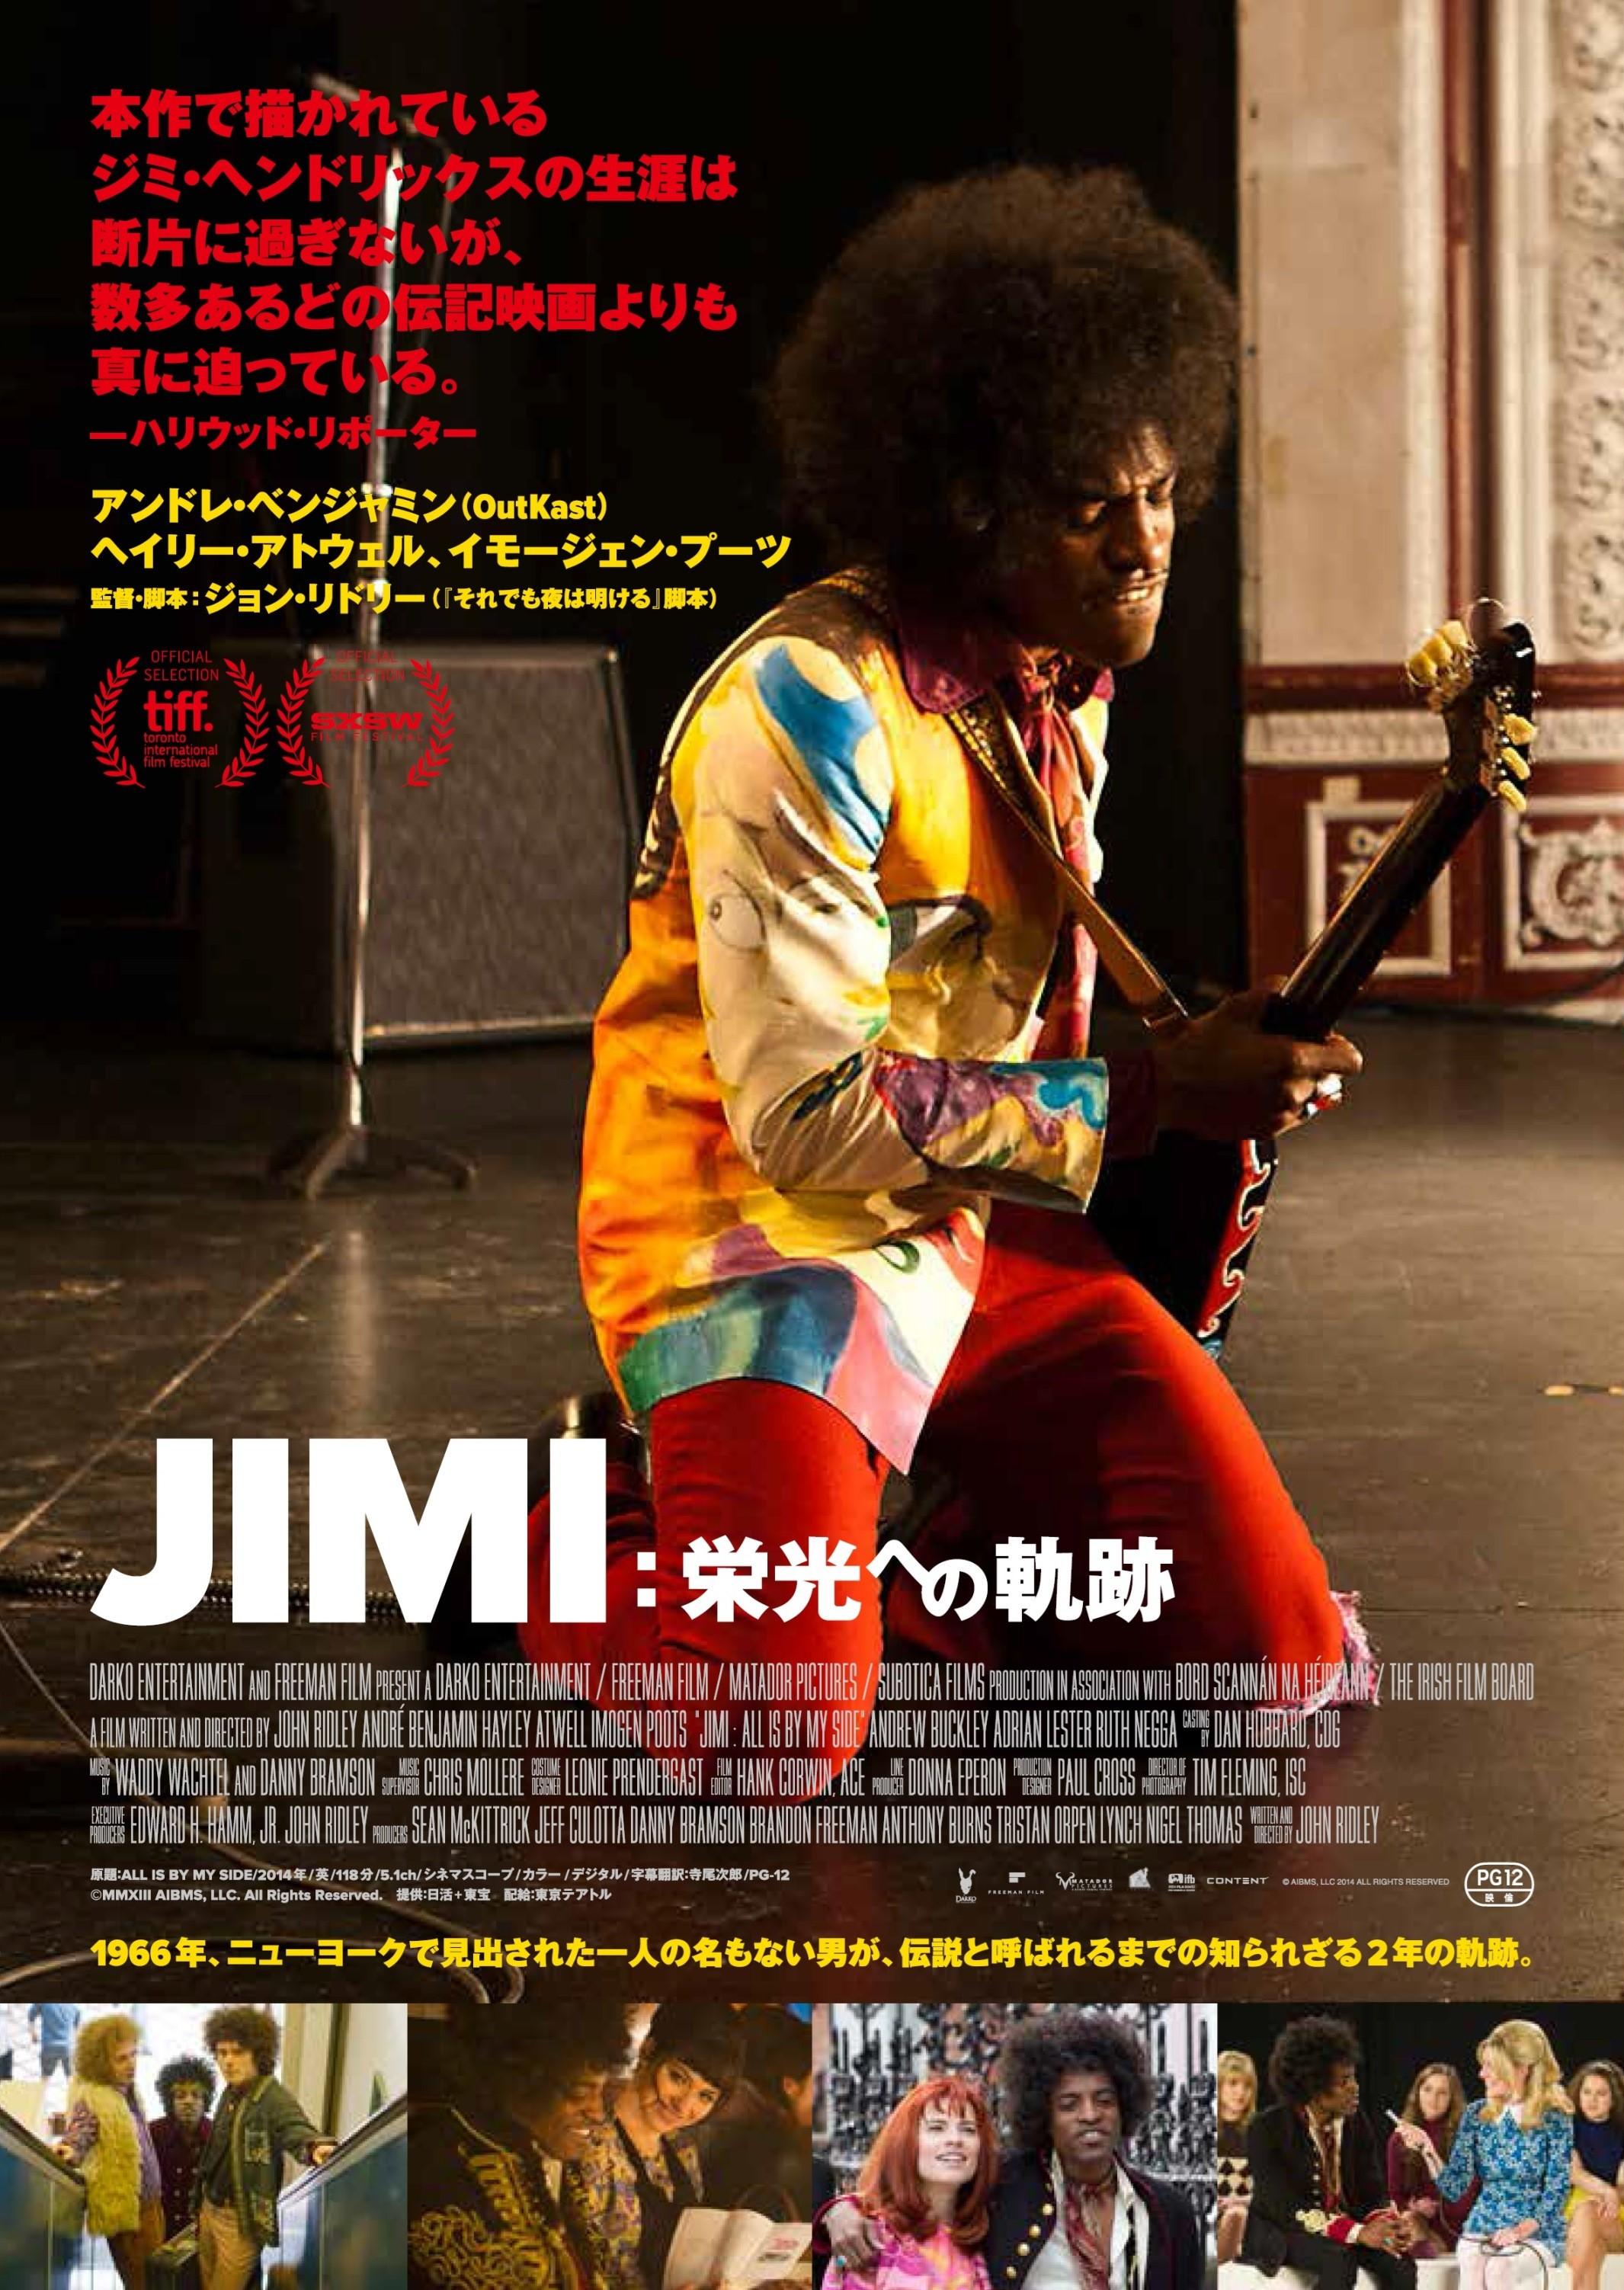 ジミヘン黄金期描いた映画予告で、アンドレ3000が左手でギター演奏!